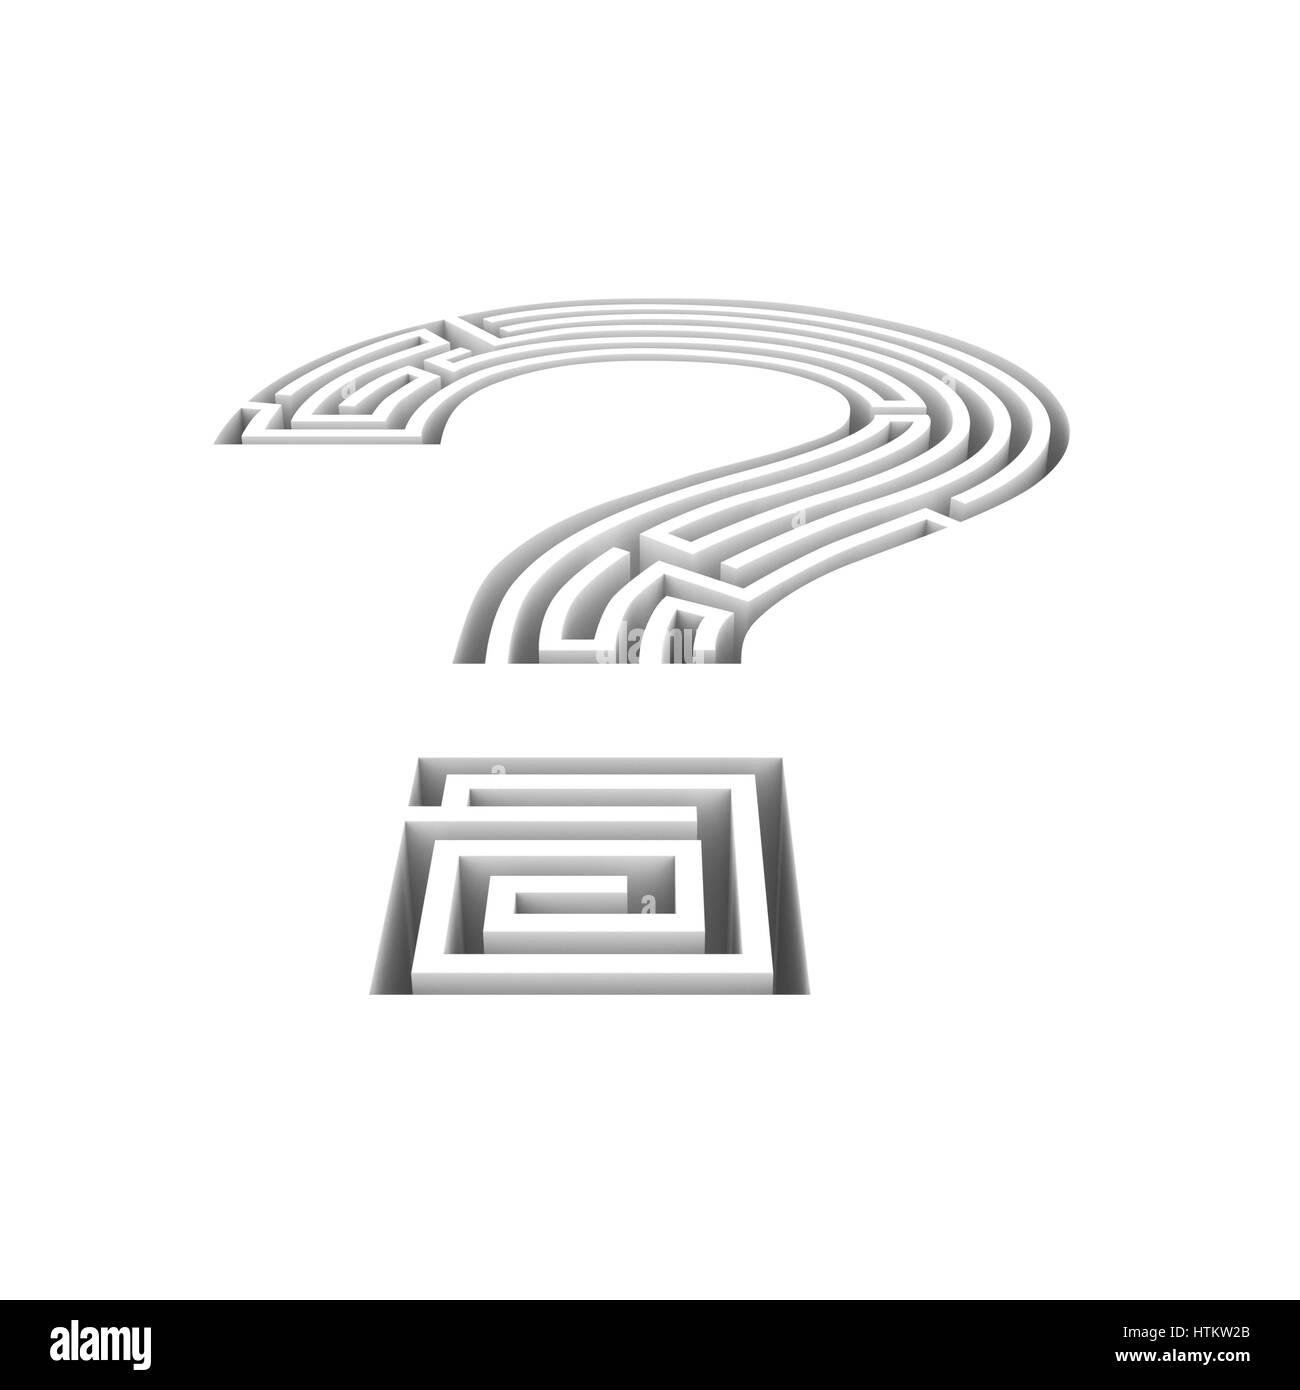 Domanda maze foro / 3D illustrazione del punto interrogativo a forma di labirinto il foro nel pavimento Immagini Stock